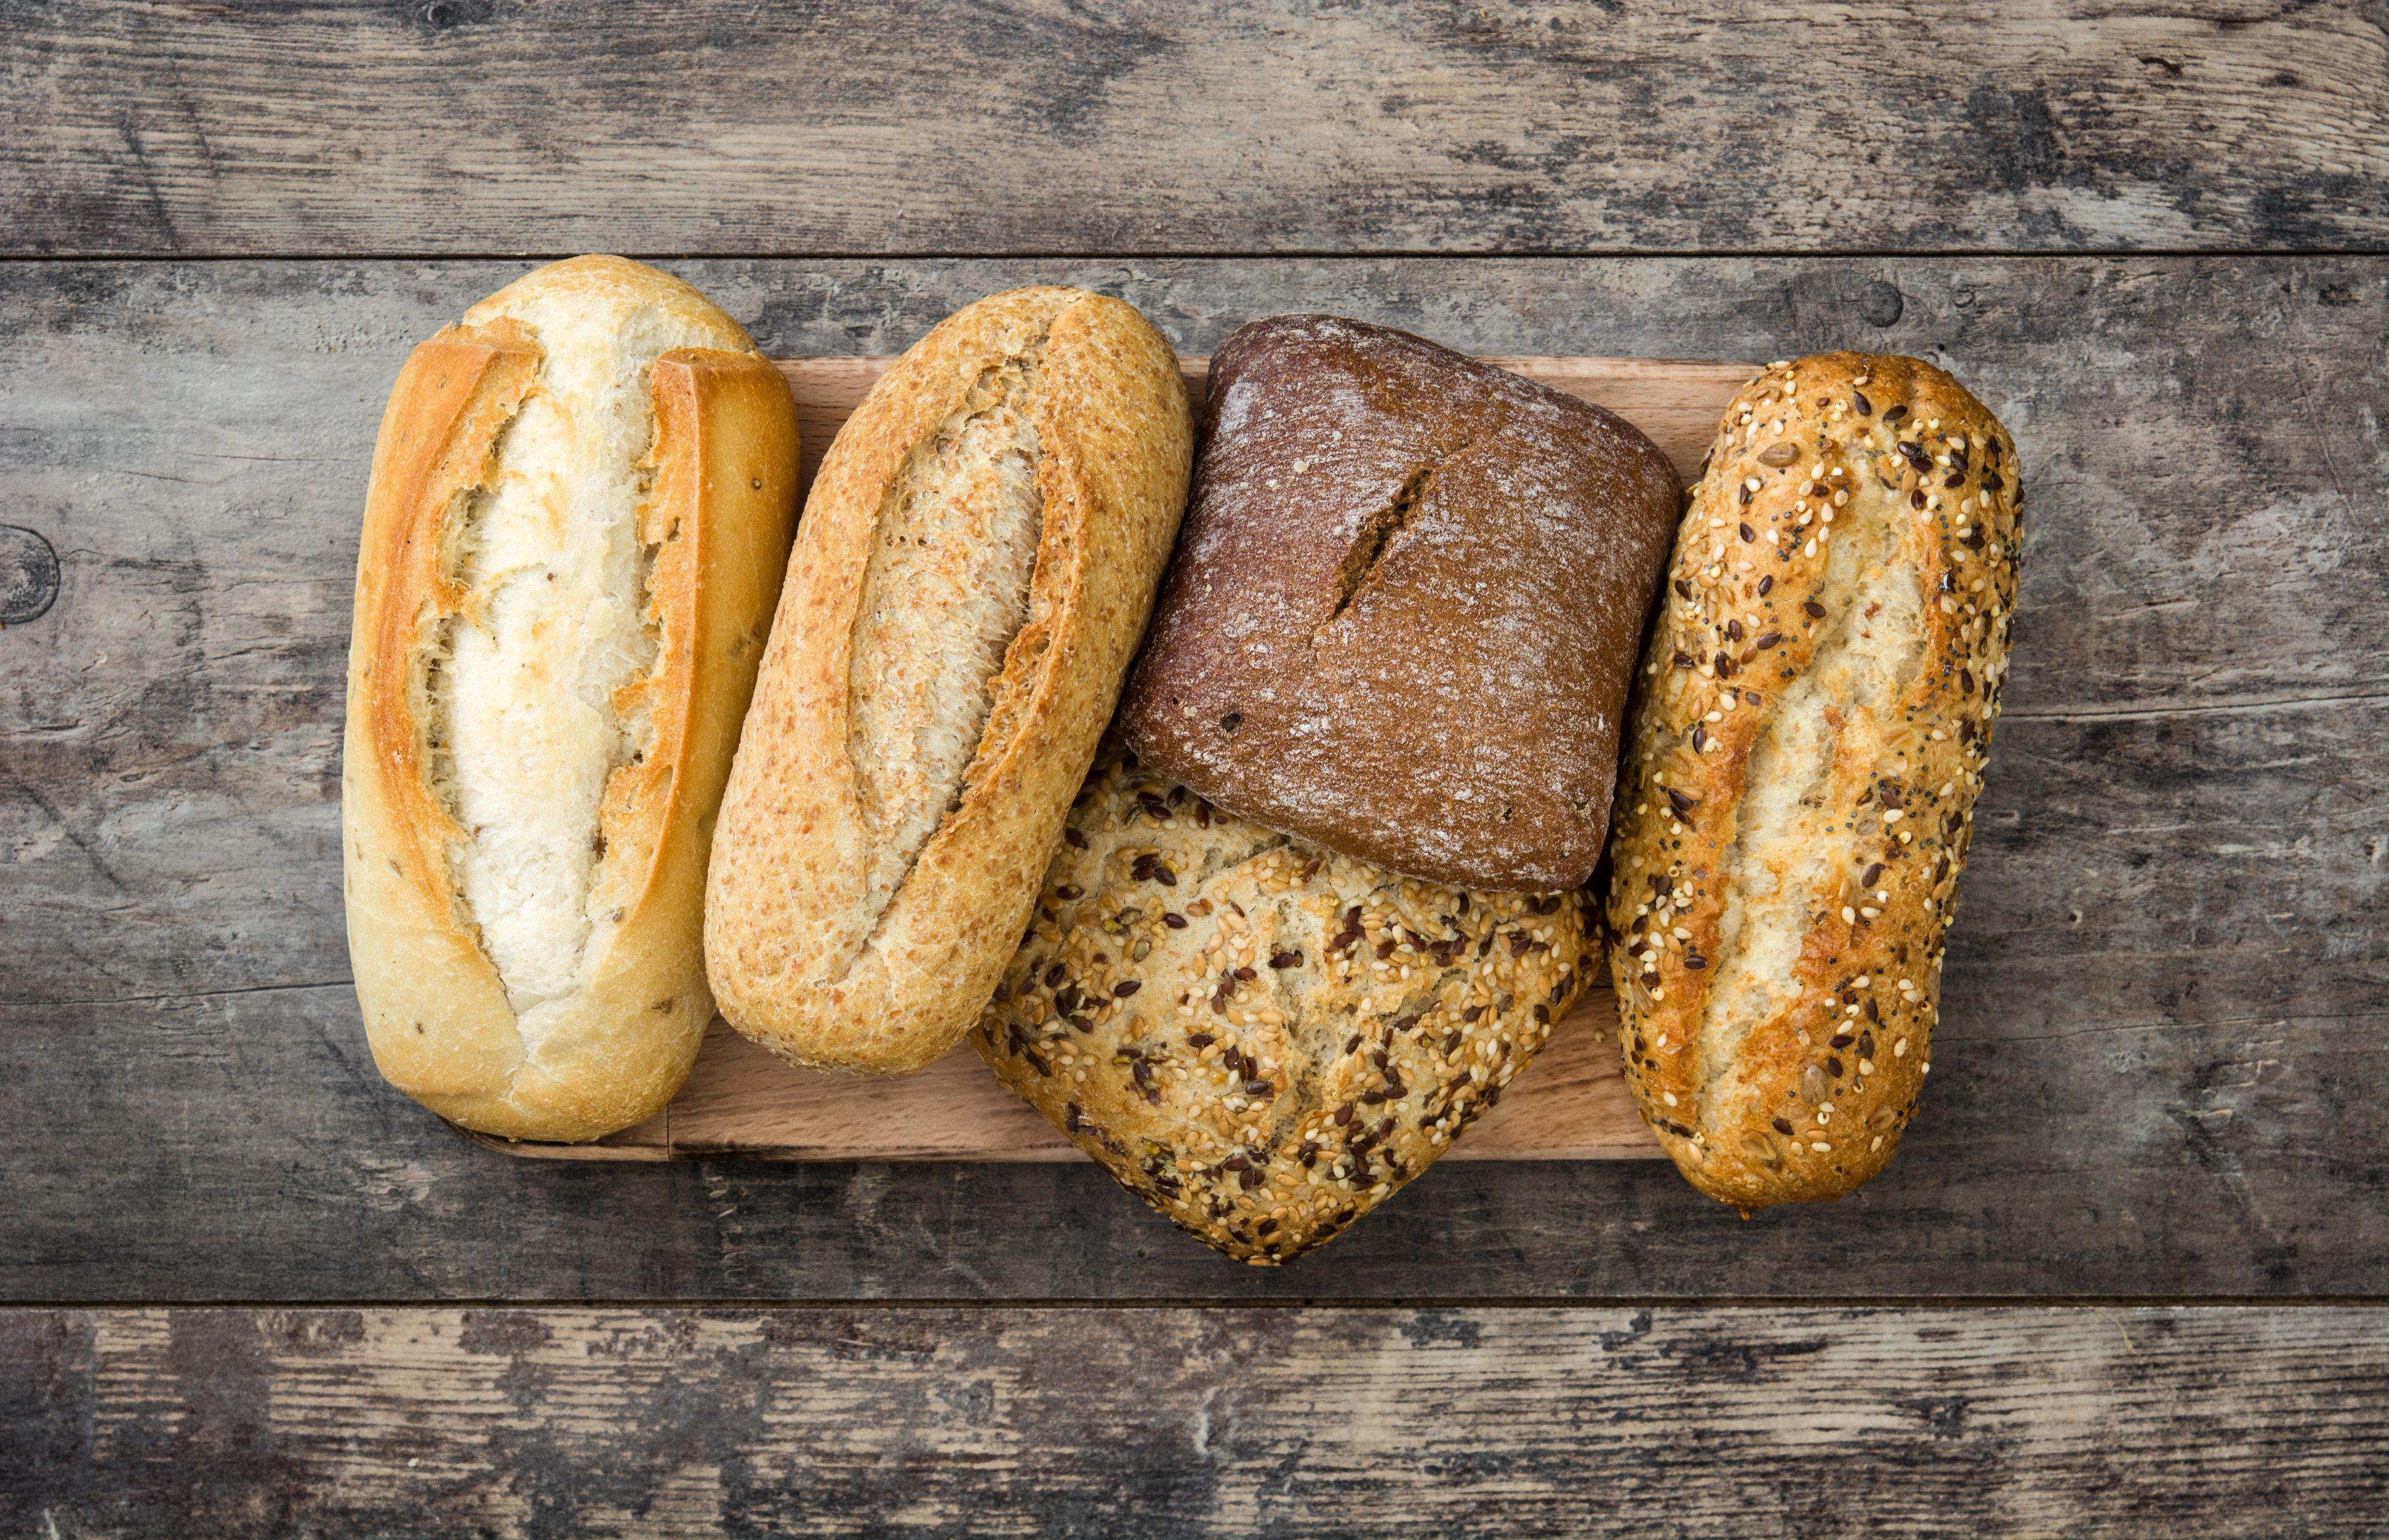 recetas para adelgazar pan integral